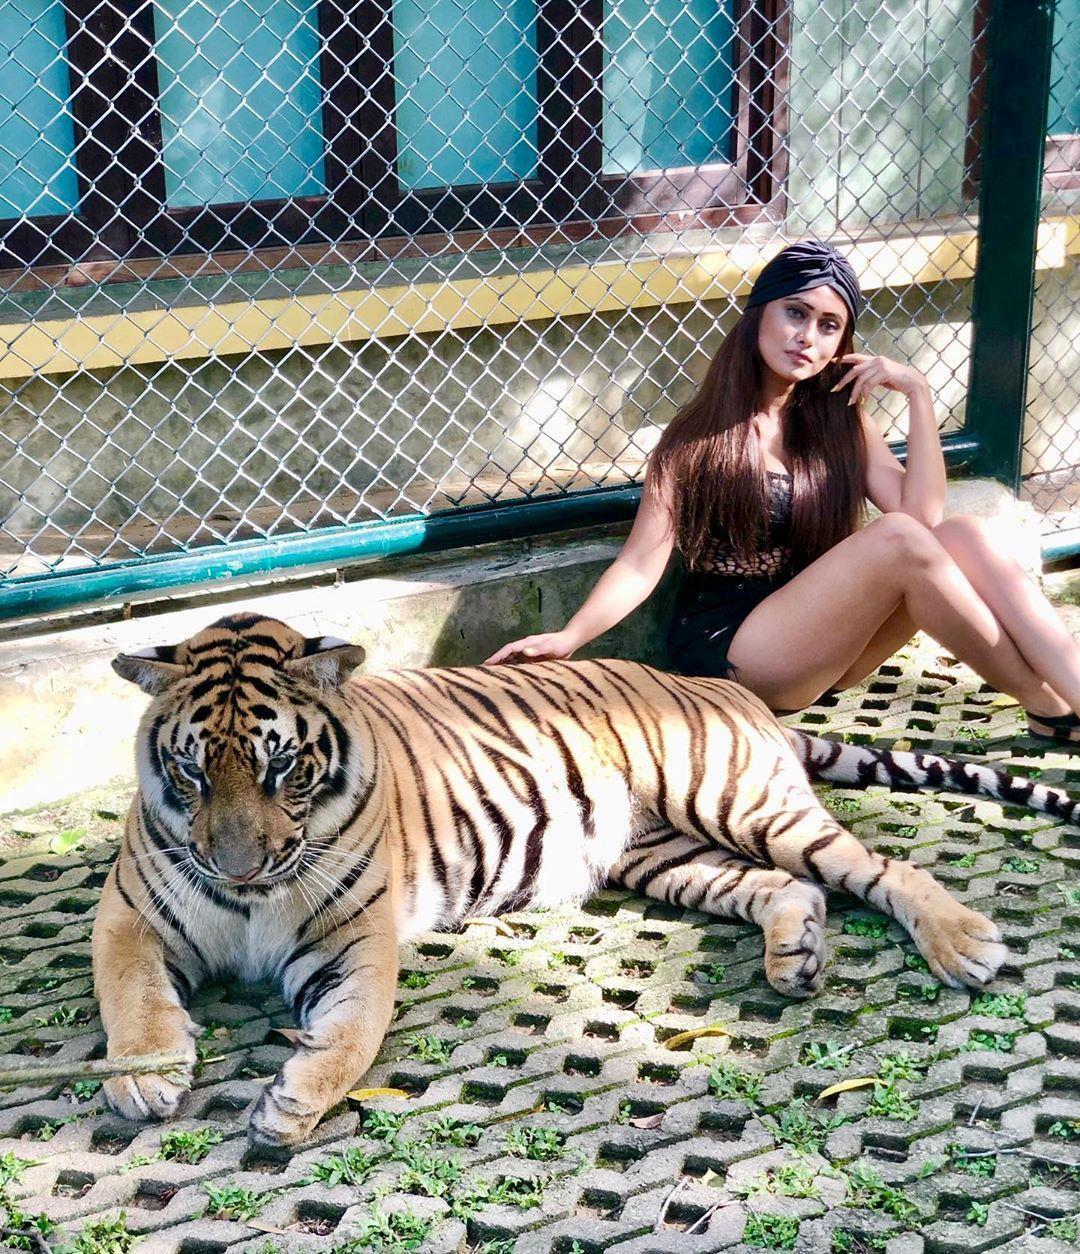 Tới Thái Lan, ghé nơi hổ đi lại nhởn nhơ trước mặt du khách Ảnh 1